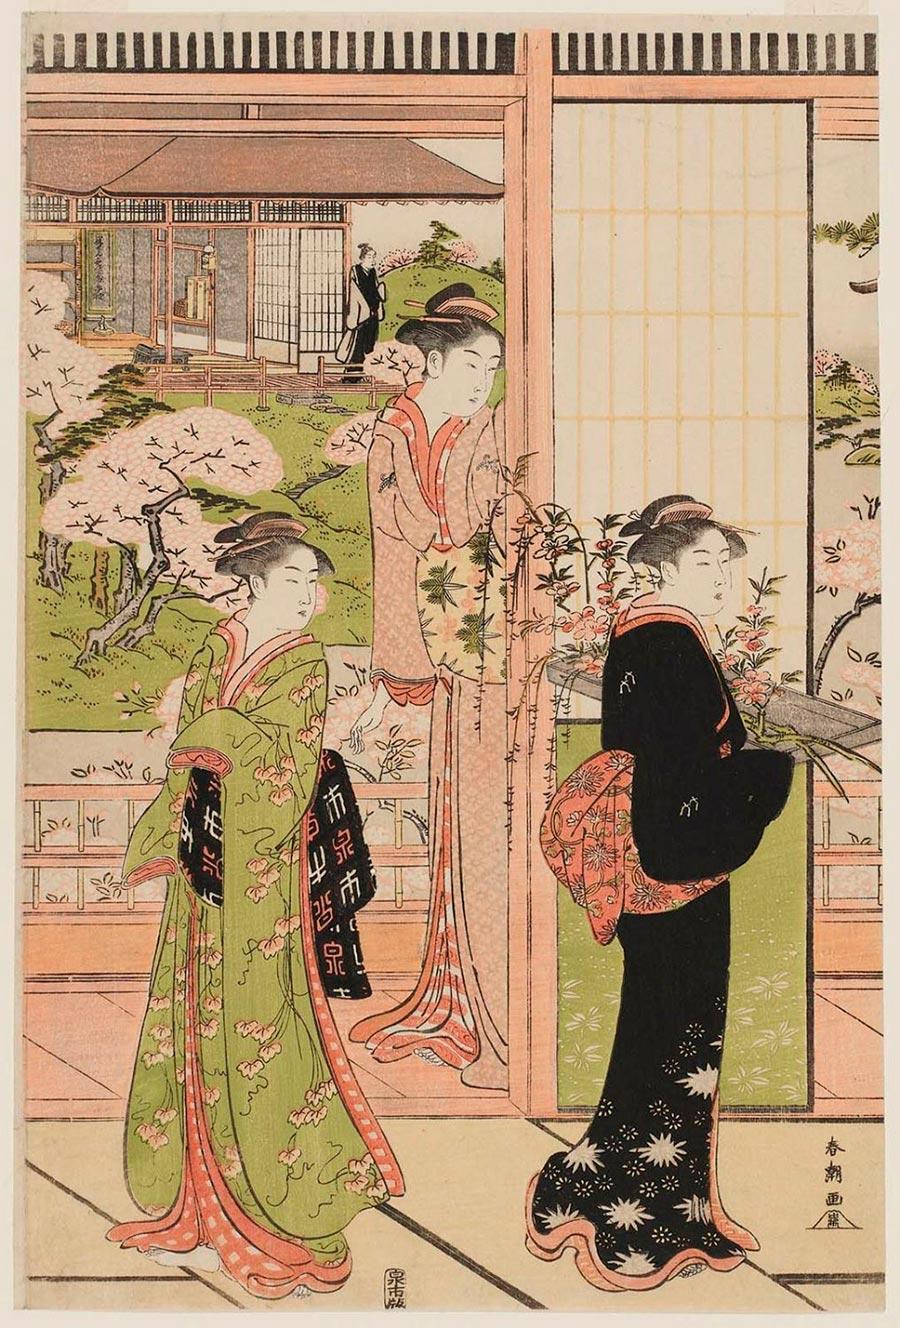 On-line архив японских гравюр, созданных с 1700-х годов до наших дней Кацукава Сюнсё